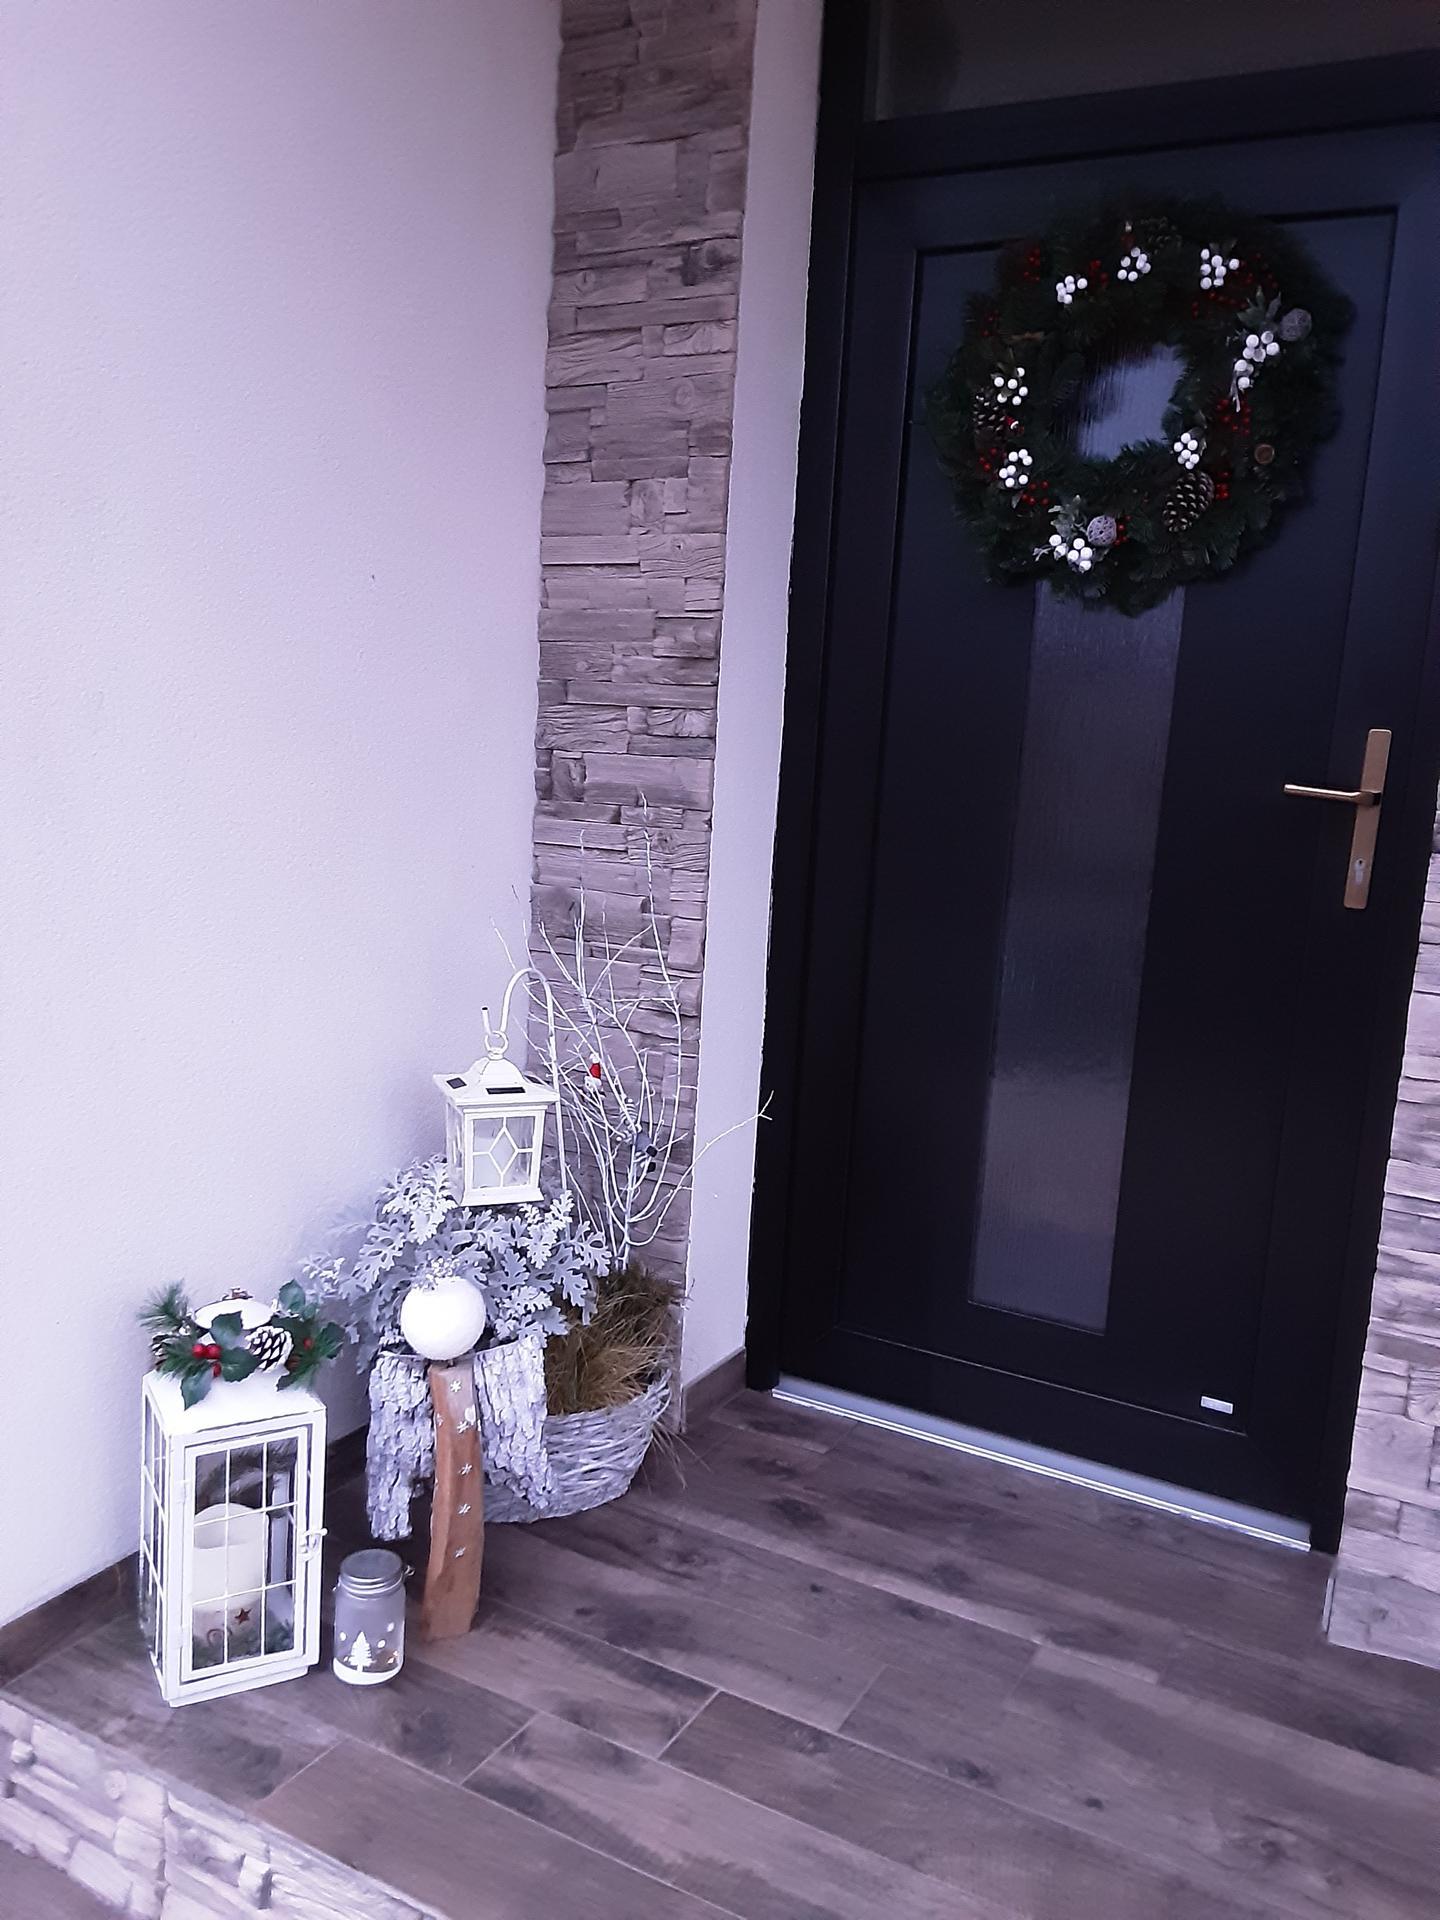 Vianočná atmosféra - Obrázok č. 2